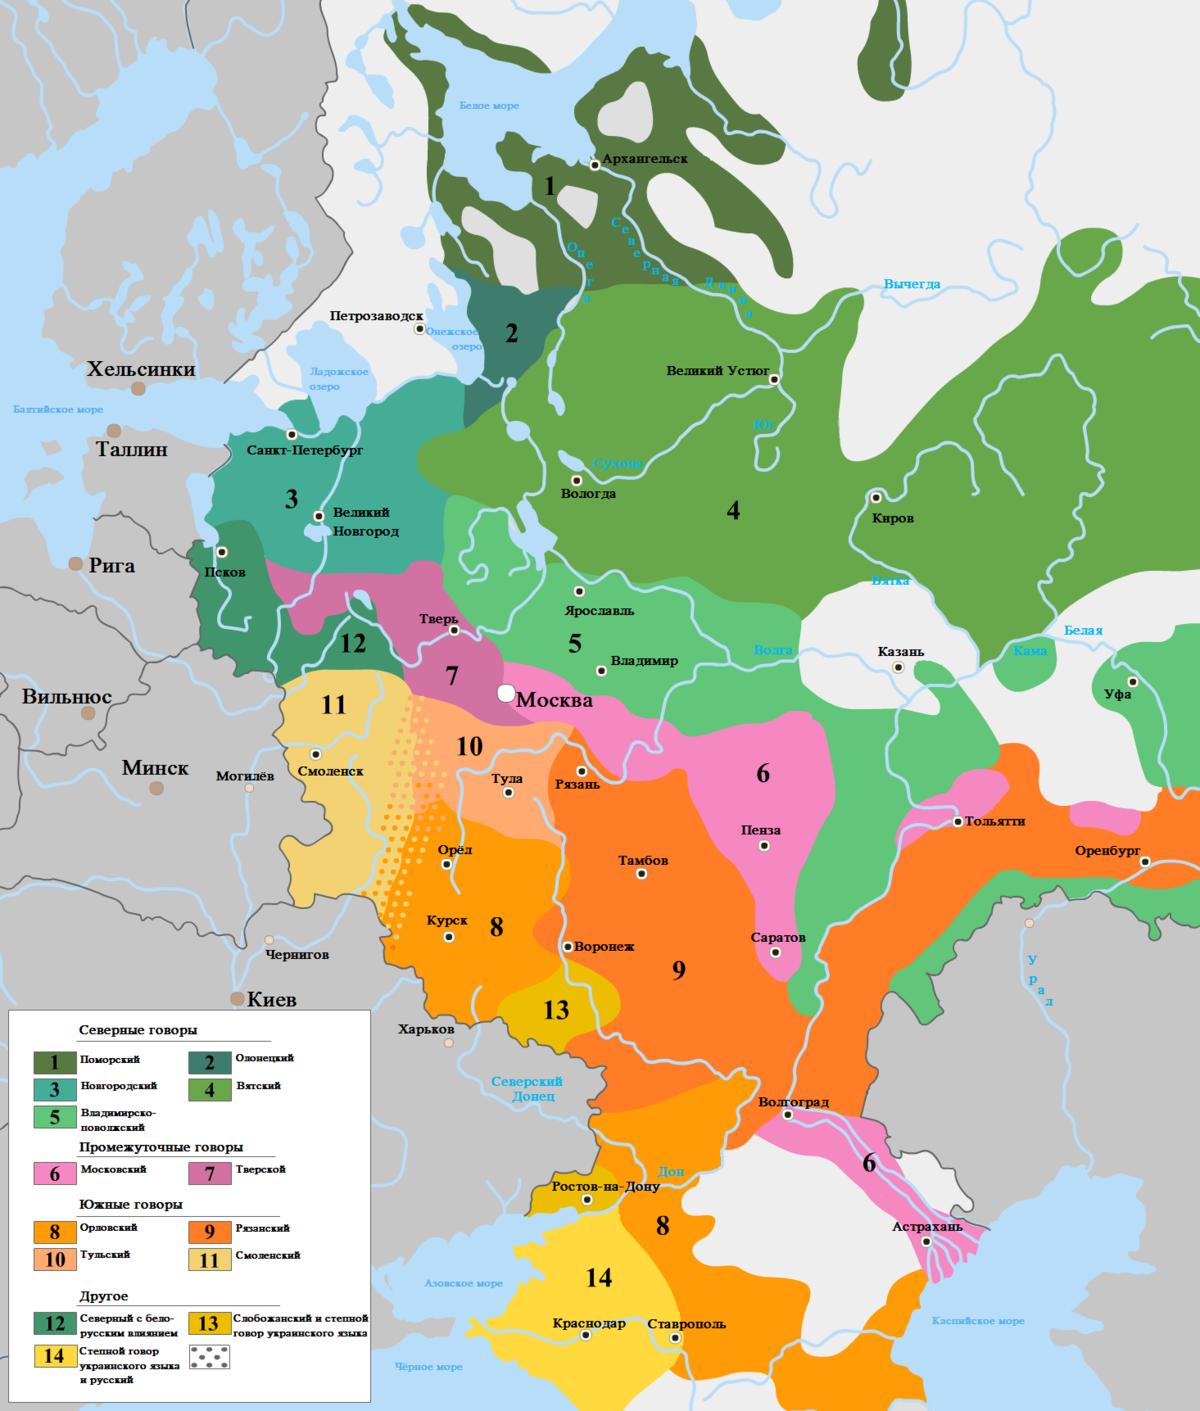 Aktrler, Rusyada ıkış tarihi, fragmanı Rusa olarak izle